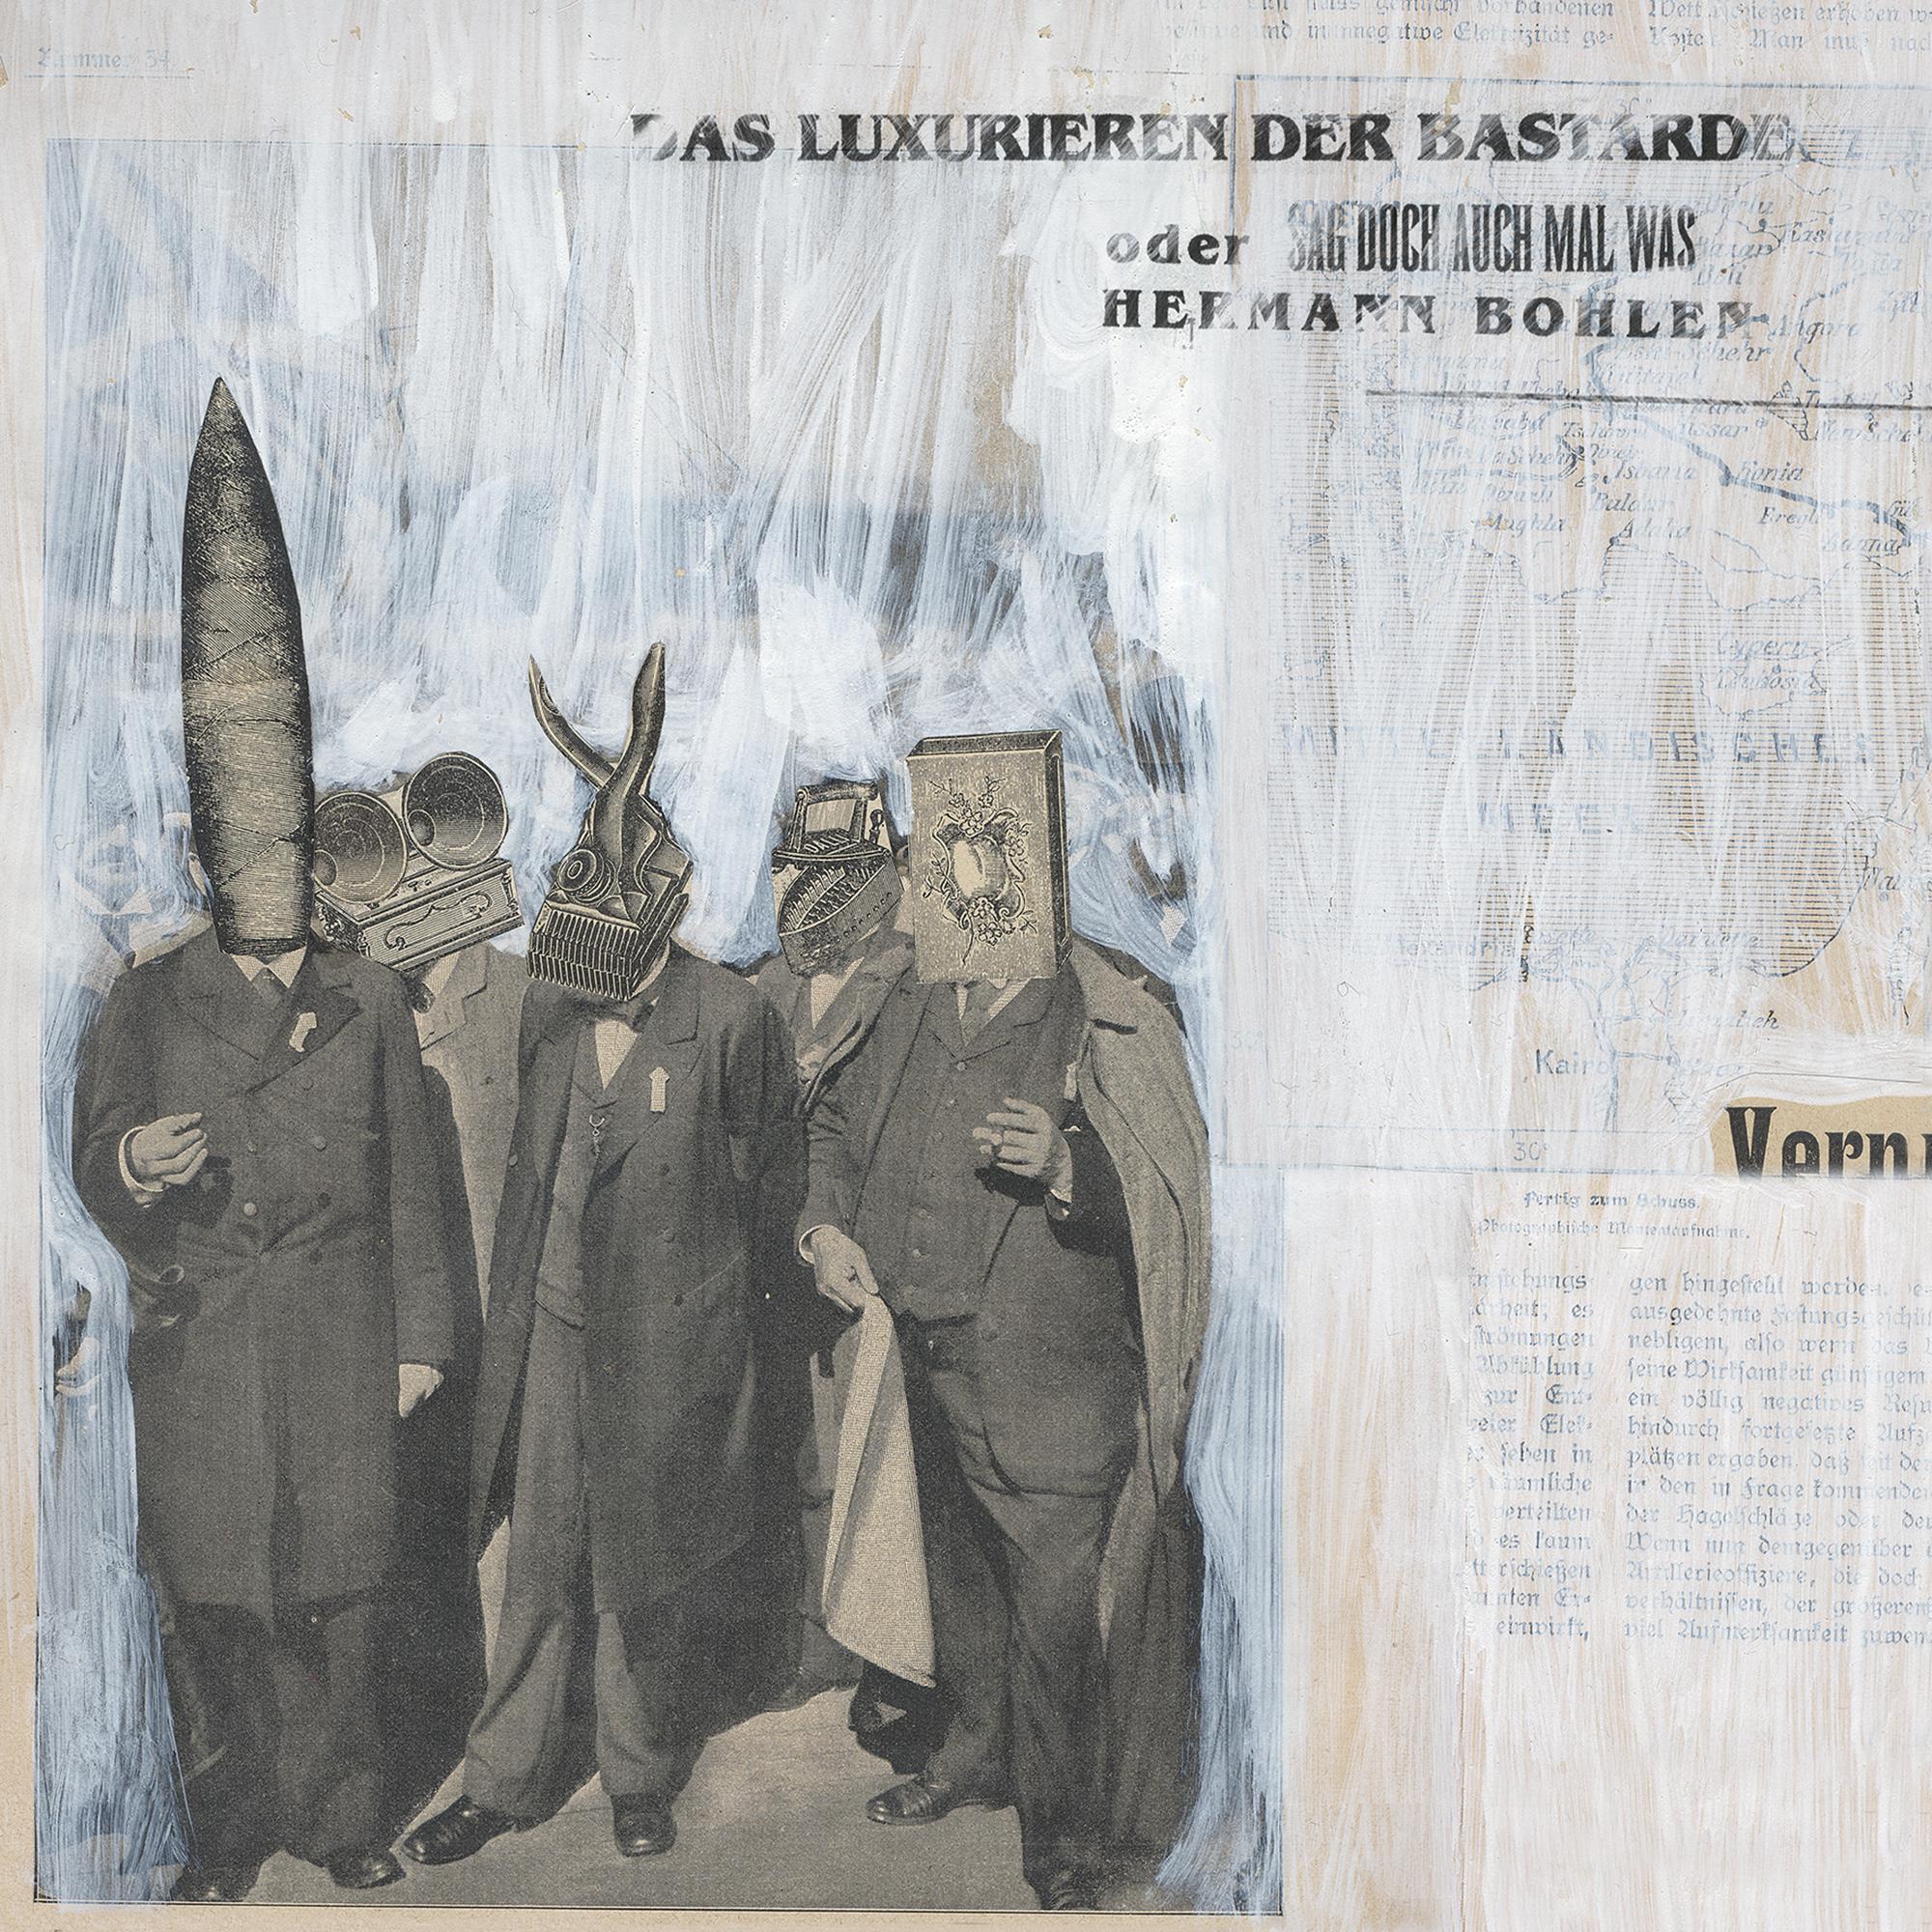 Hermann Bohlen - Das Luxurieren der Bastarde